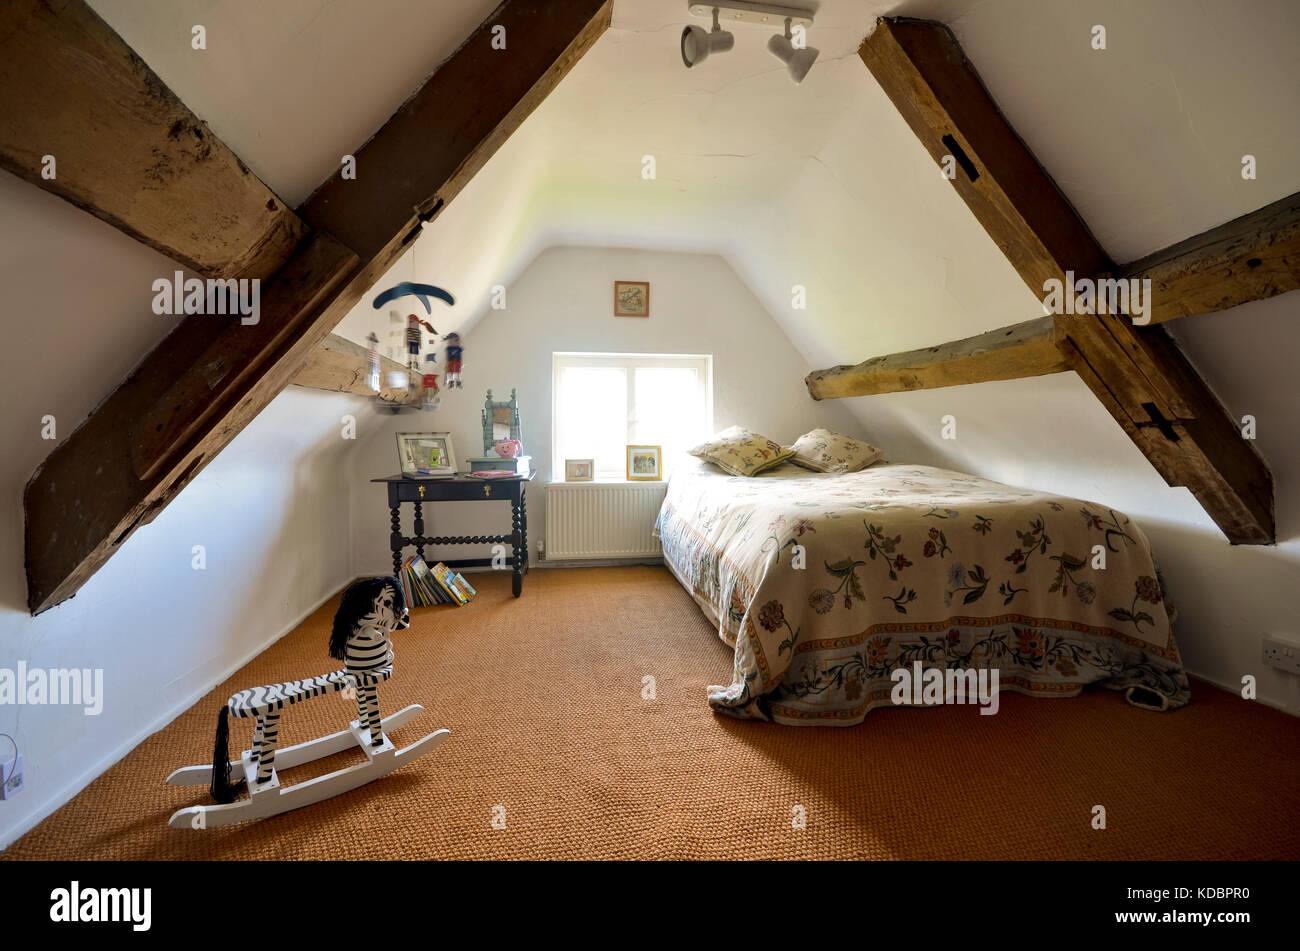 Dachgeschoss Schlafzimmer Mit Original Eichenbalken Stockfoto Bild